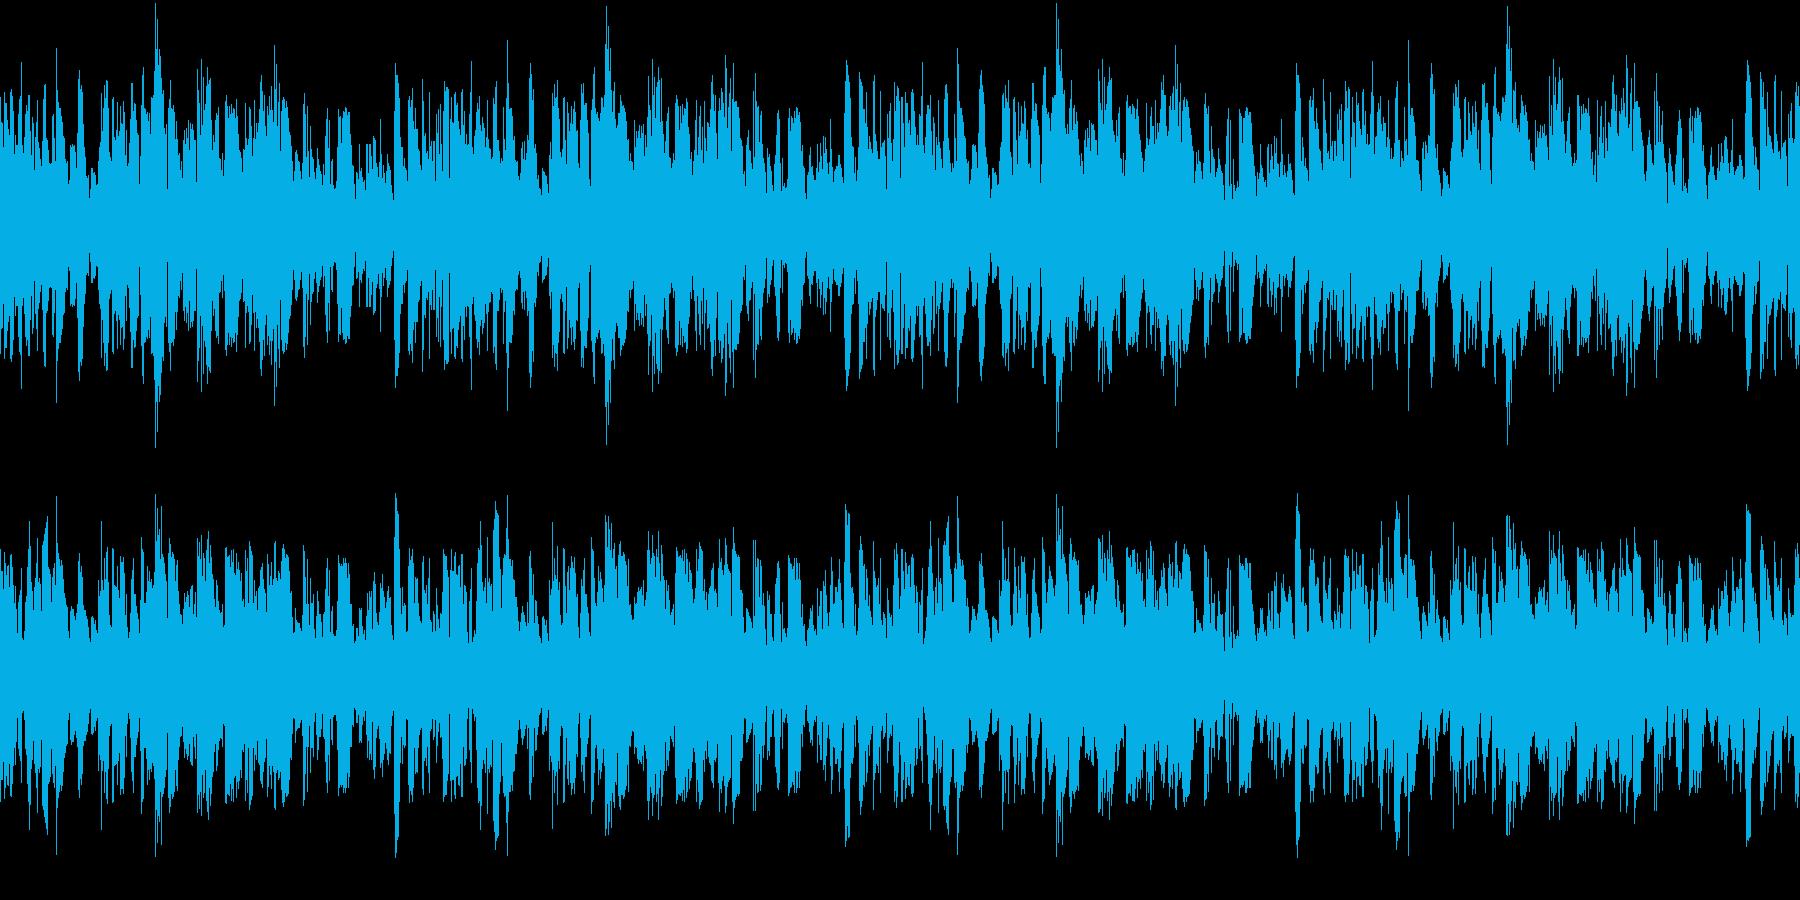 ダブステップっぽいシンプルなループの再生済みの波形